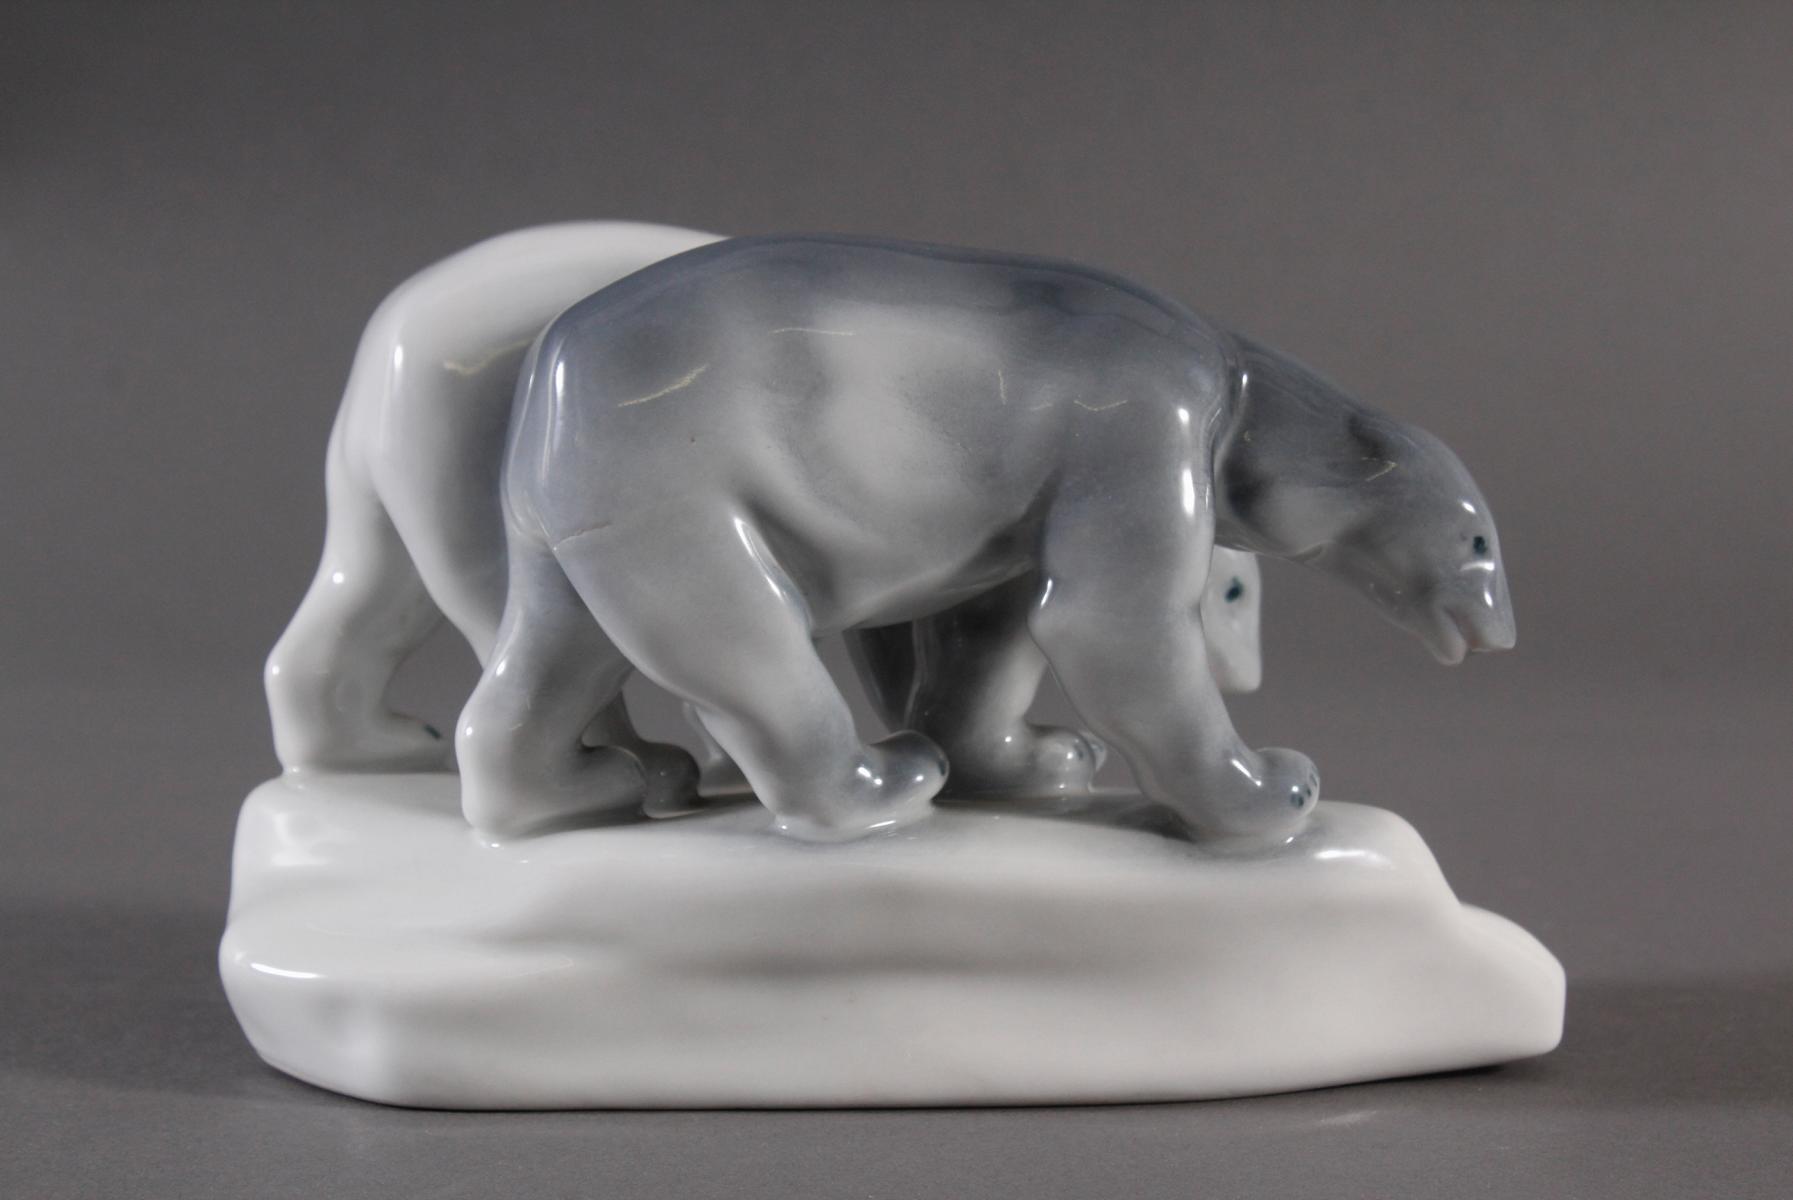 Porzellanfigur, Ungarn, 'Eisbären'-5